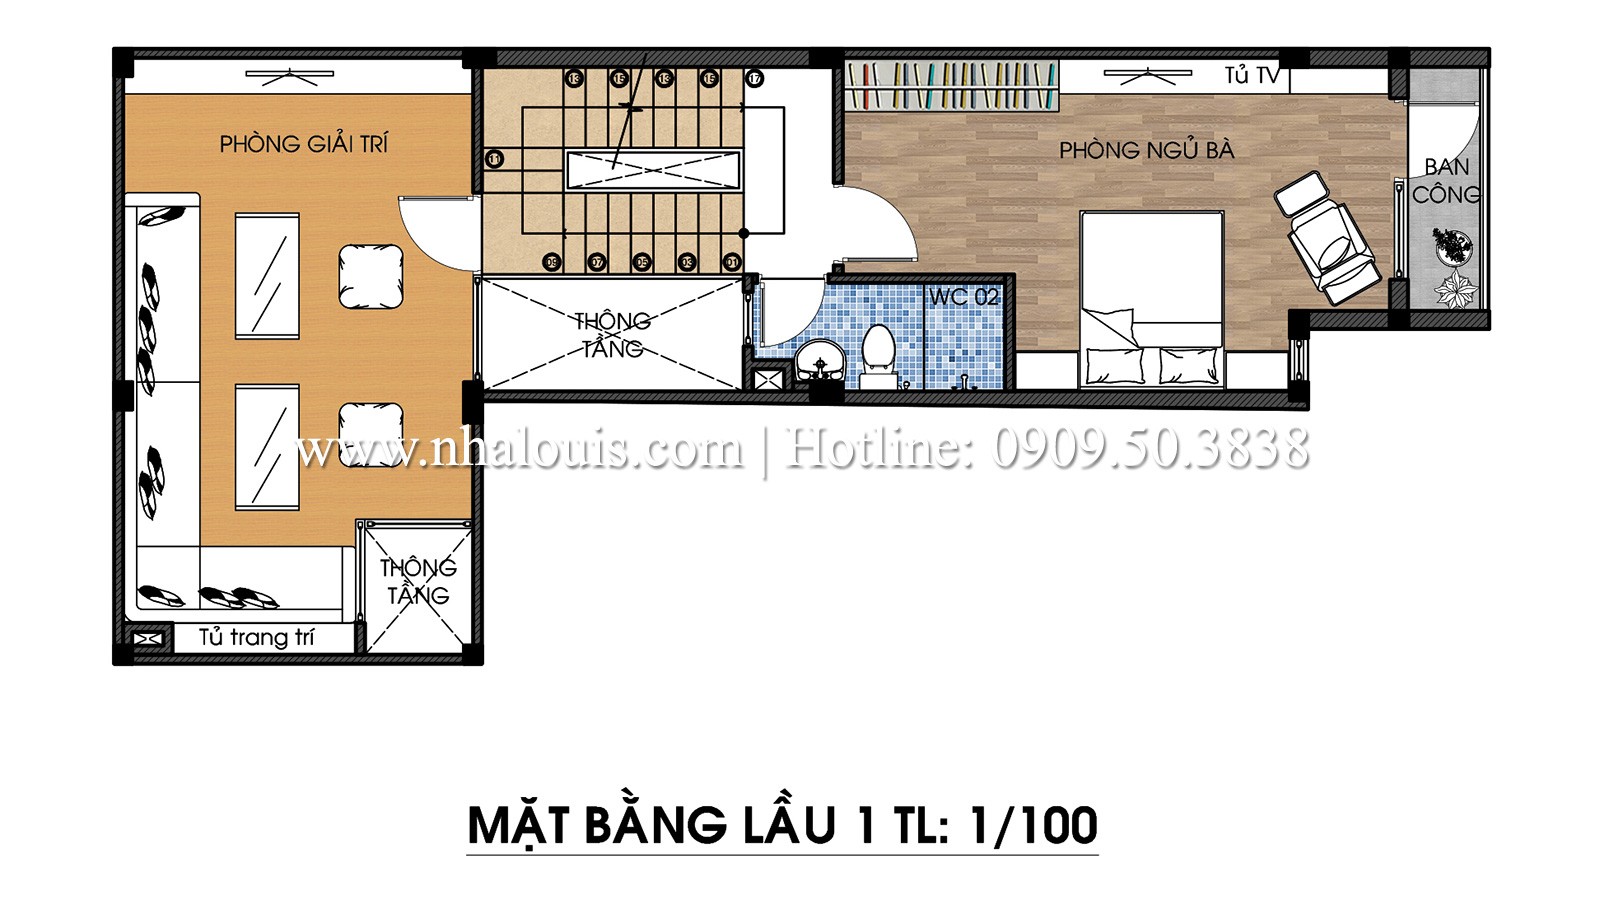 Mặt bằng tầng 1 Mẫu thiết kế nhà phố 5 tầng tại Tân Bình với không gian thiên nhiên xanh mát - 13